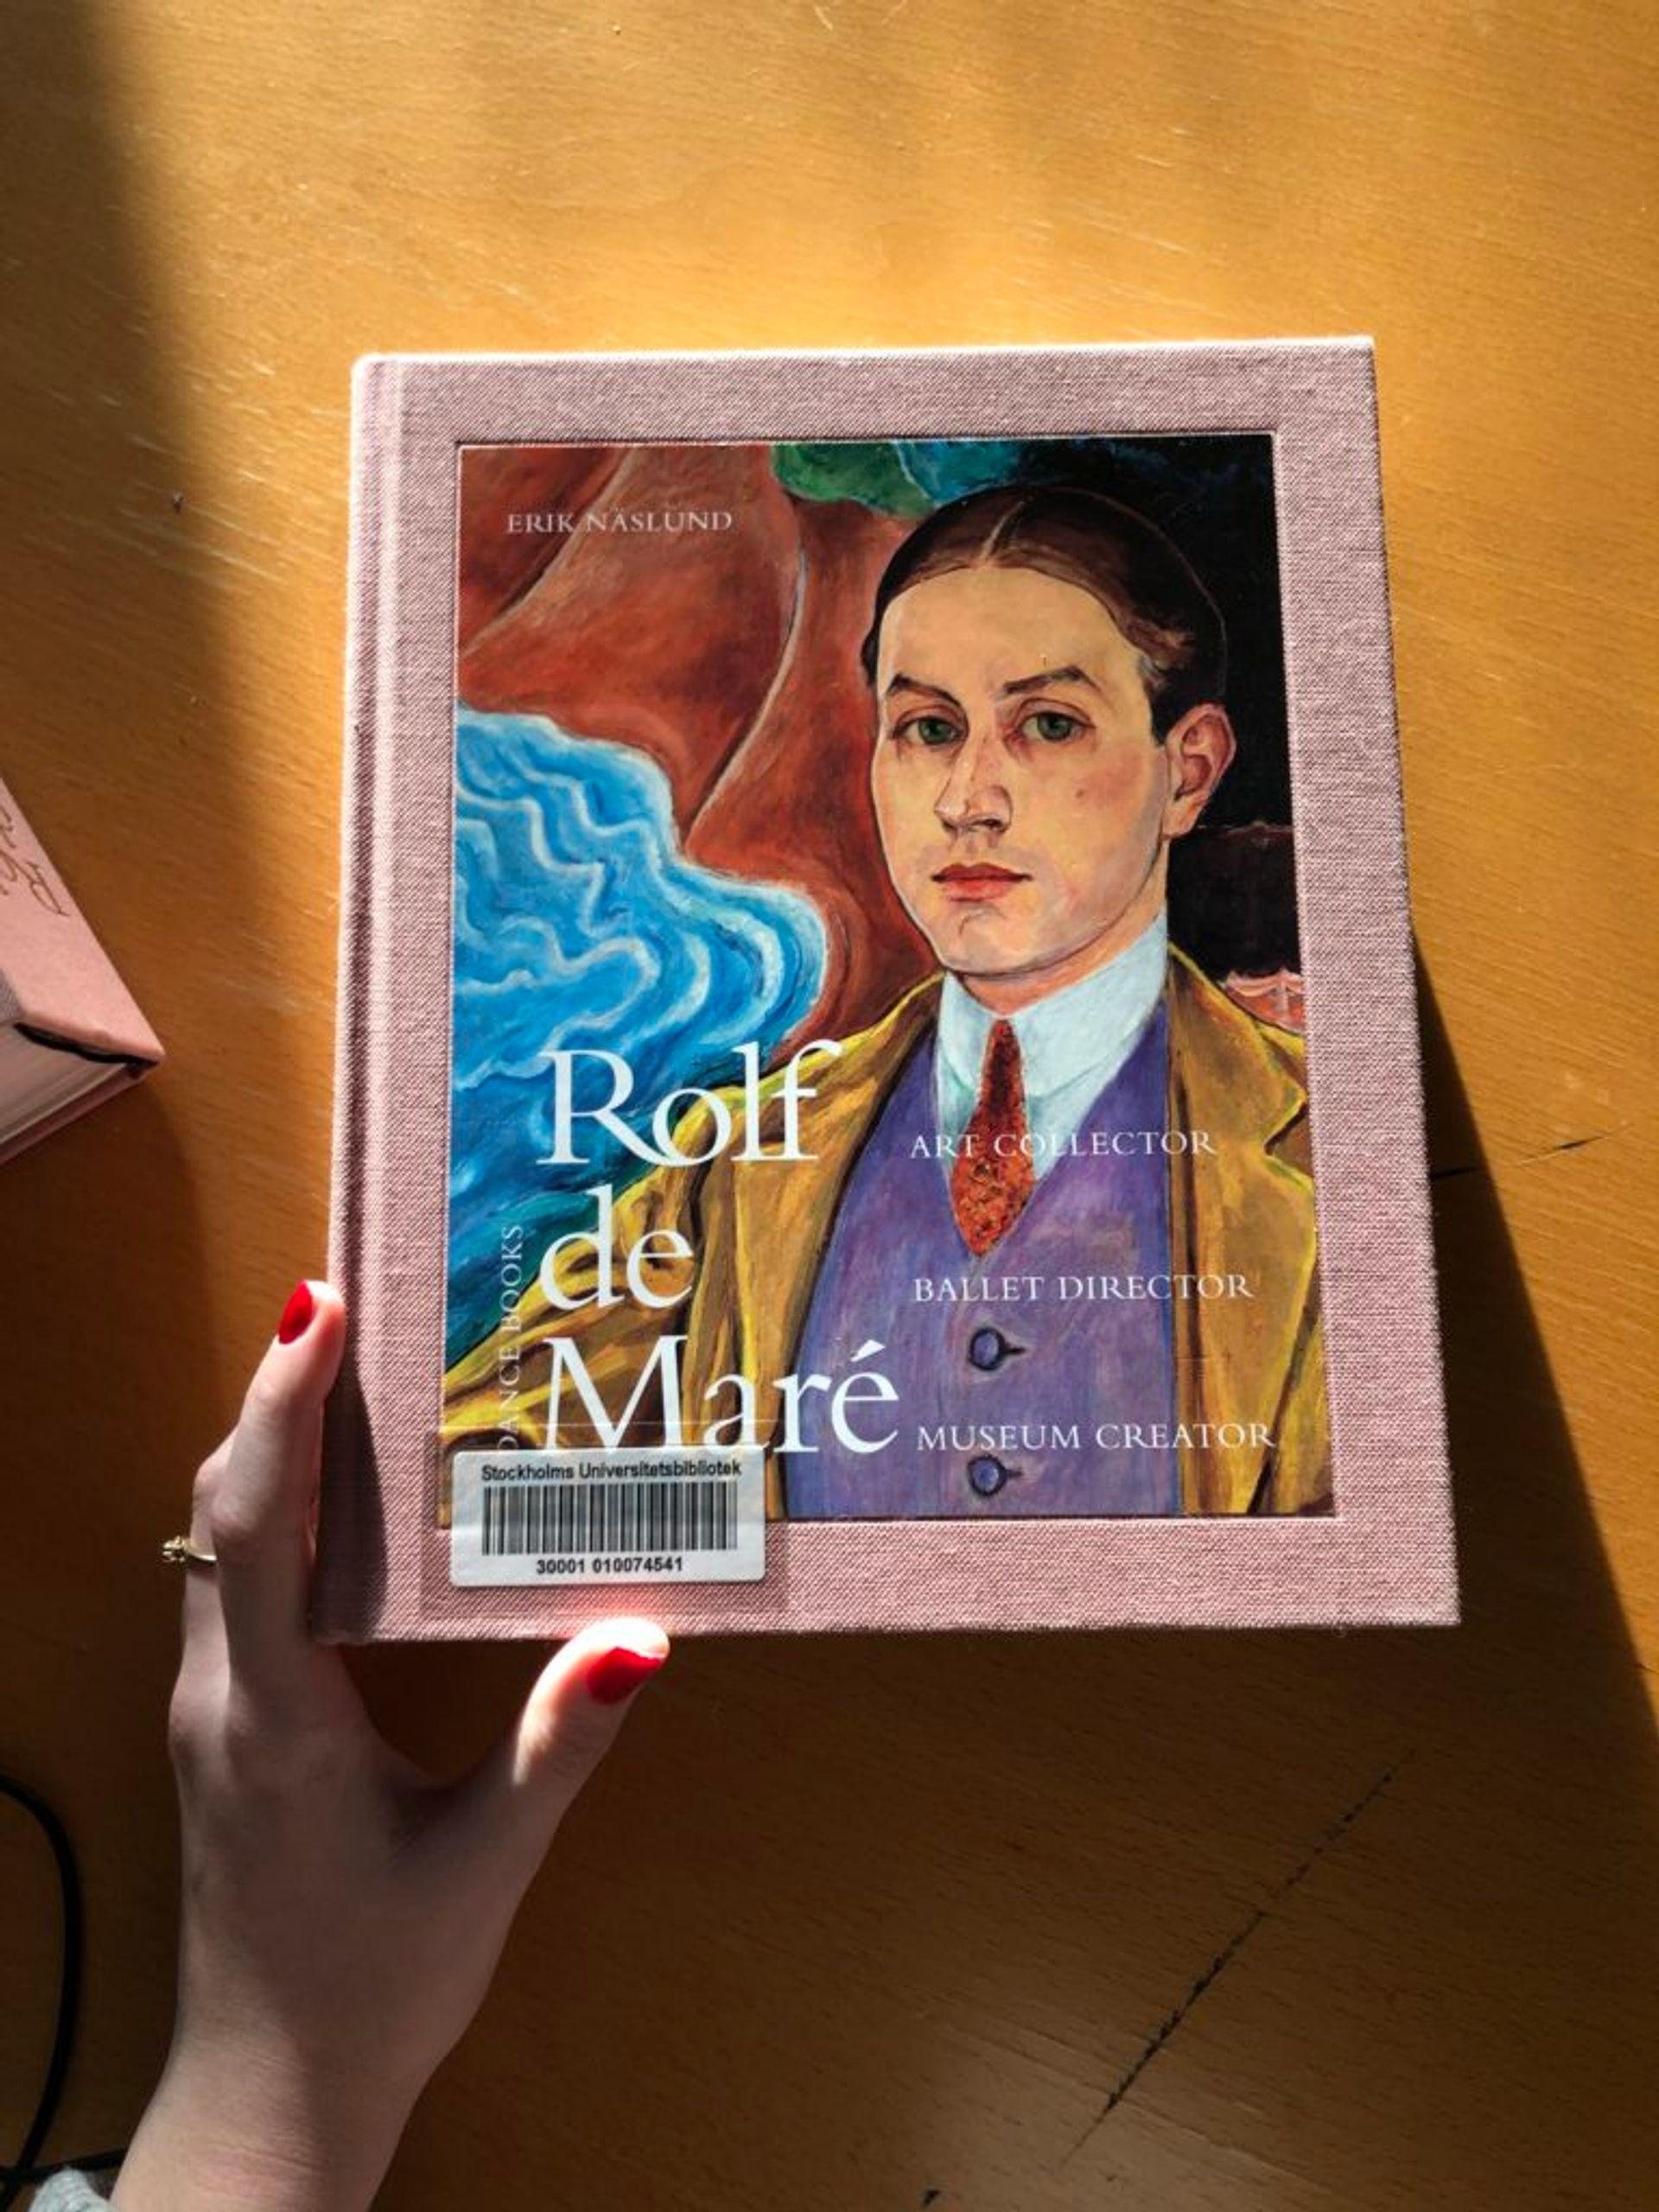 Close-up of book about Rolf de Maré.